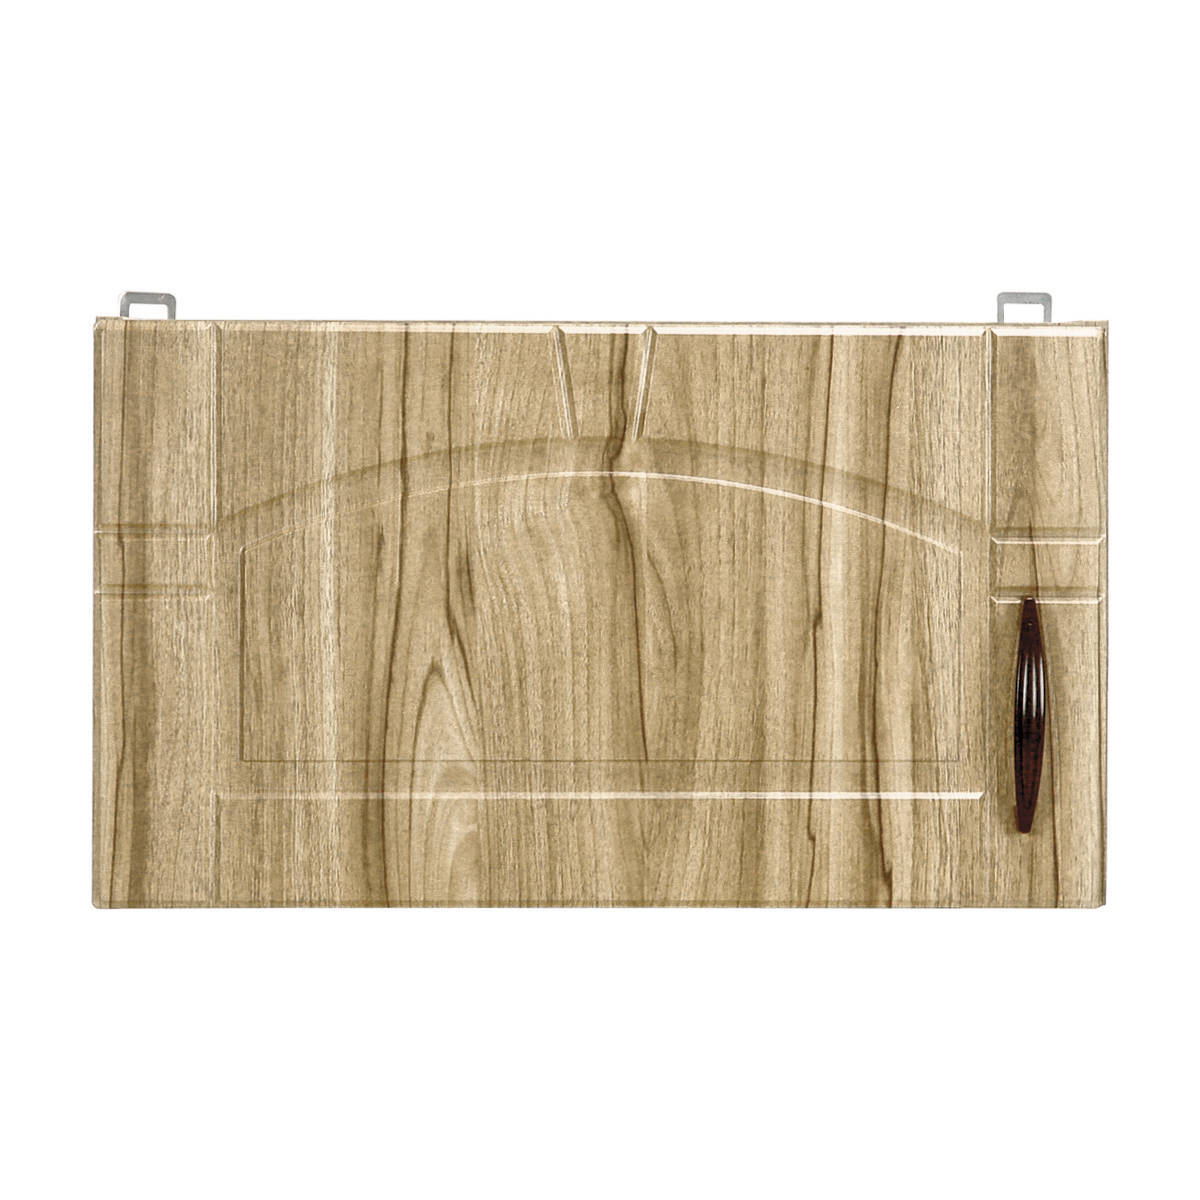 Шкаф навесной над вытяжкой Камила 35х60 см МДФ цвет светлый каштан